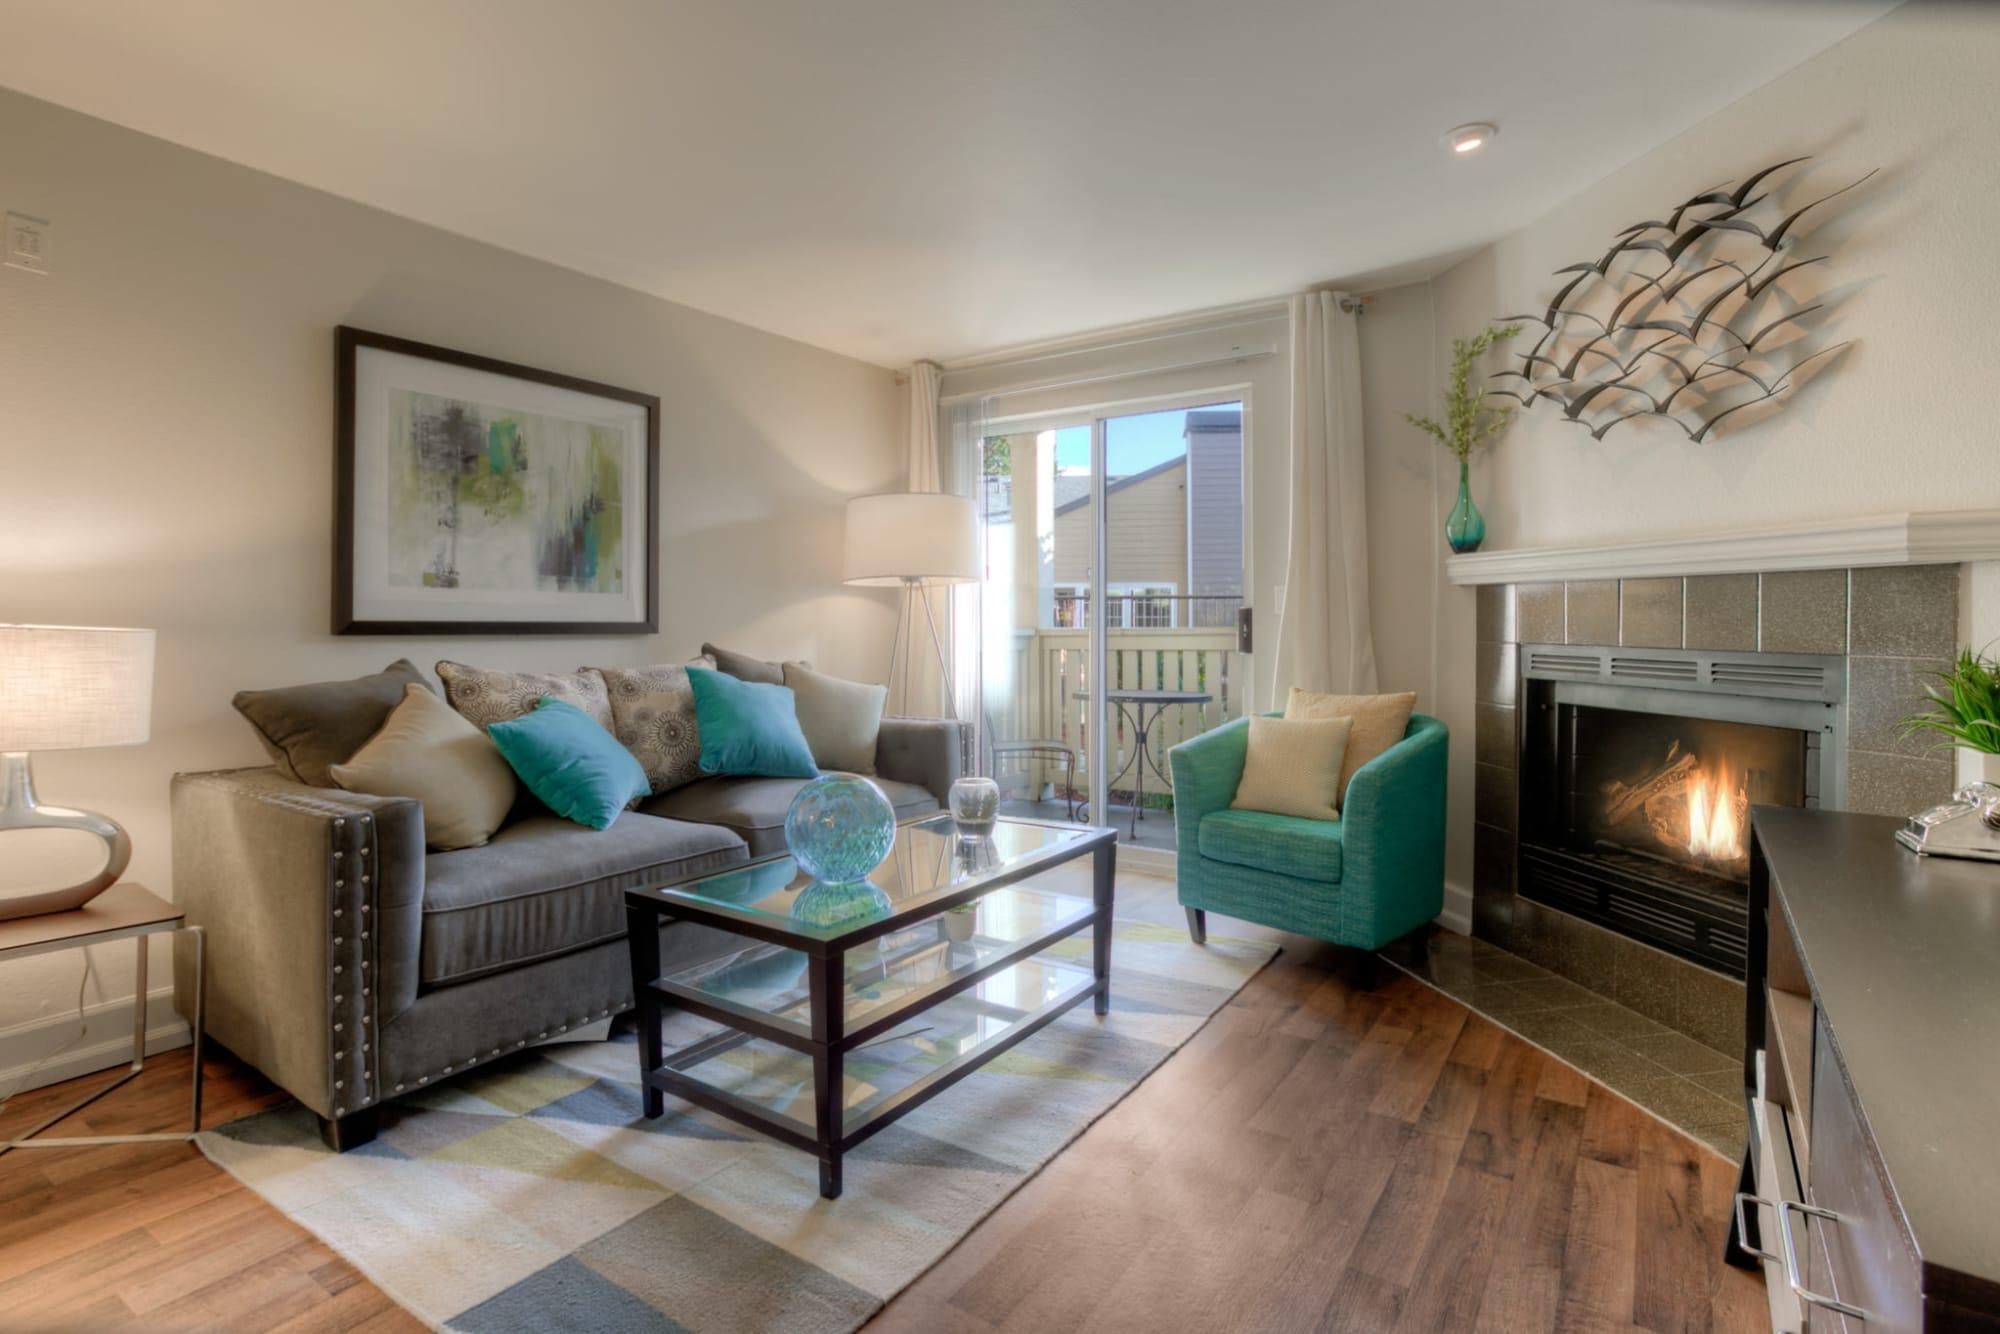 Living room at Newport Crossing Apartments